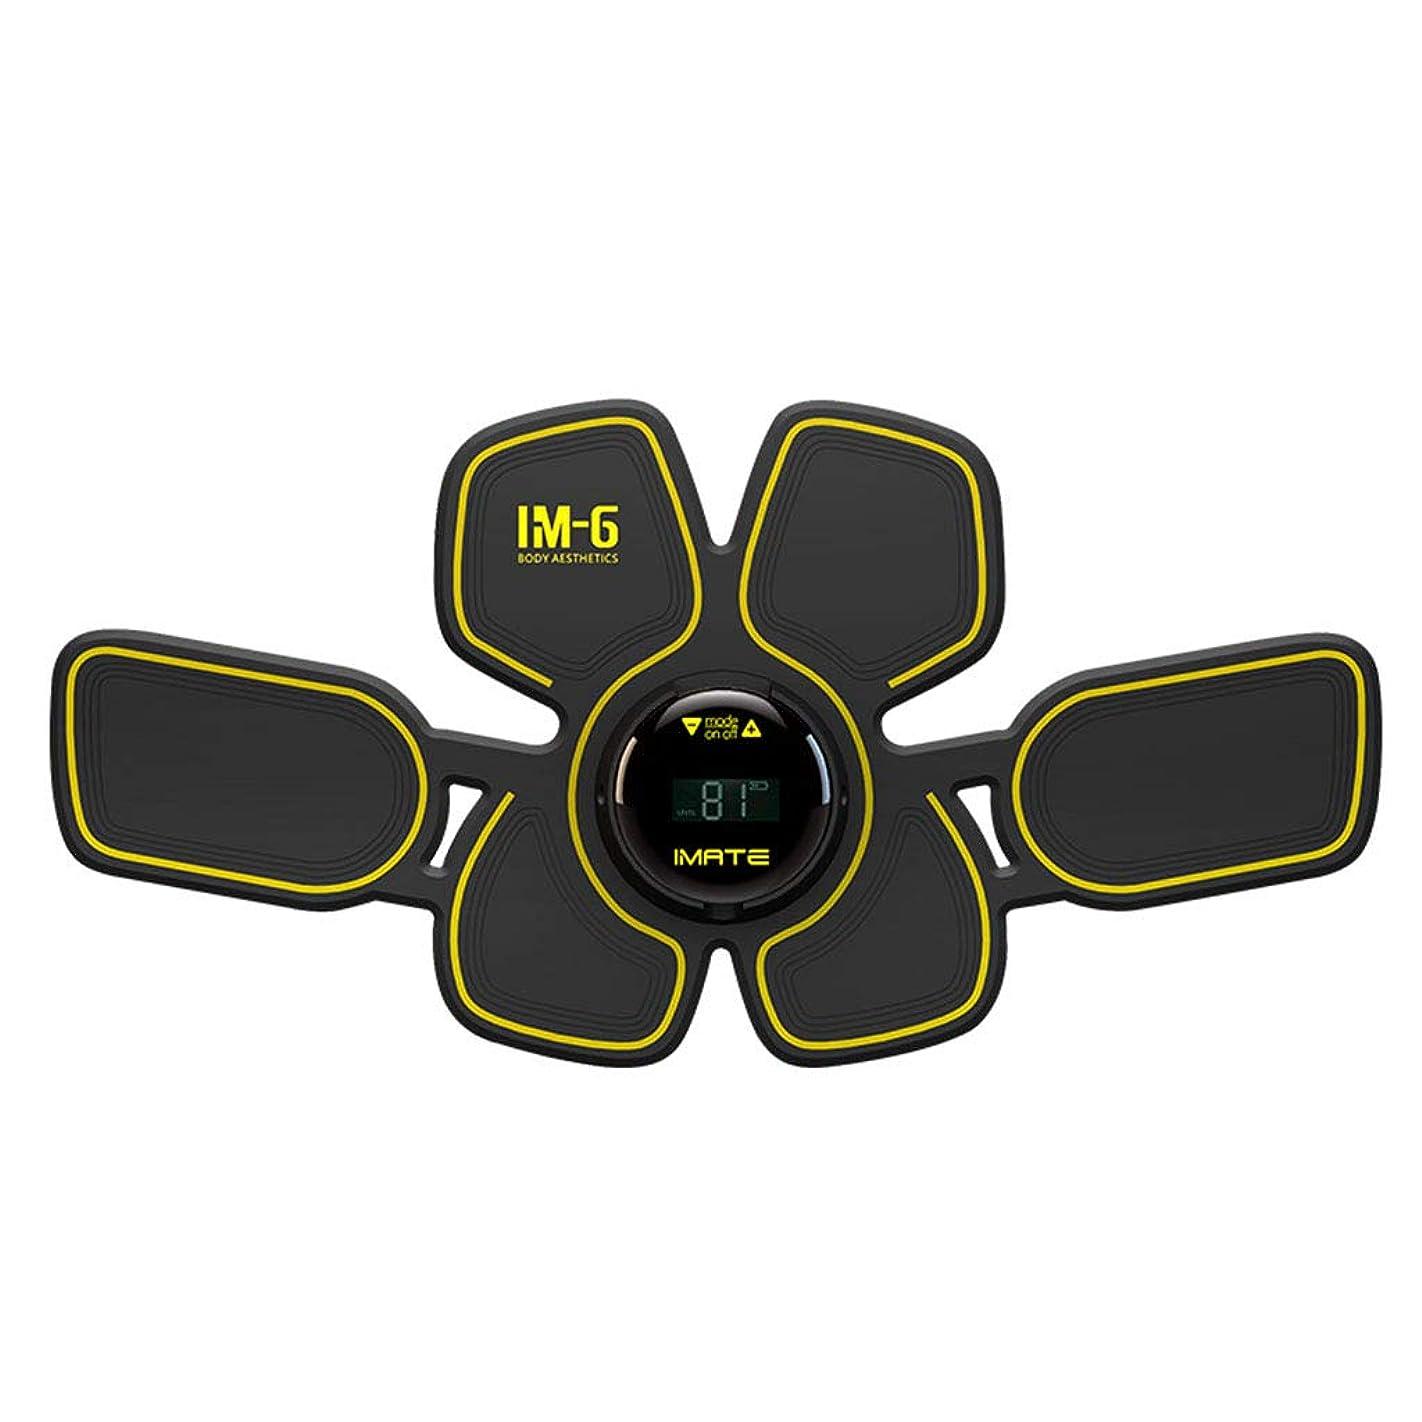 センター放映余韻フィットネス薄いベルト、ボディビルディング腹部ベルト腹筋トレーナー怠惰な体整形筋刺激装置ホームオフィス男性と女性の腹筋トレーナー (Color : BLACK, Size : 38*19*1.5CM)